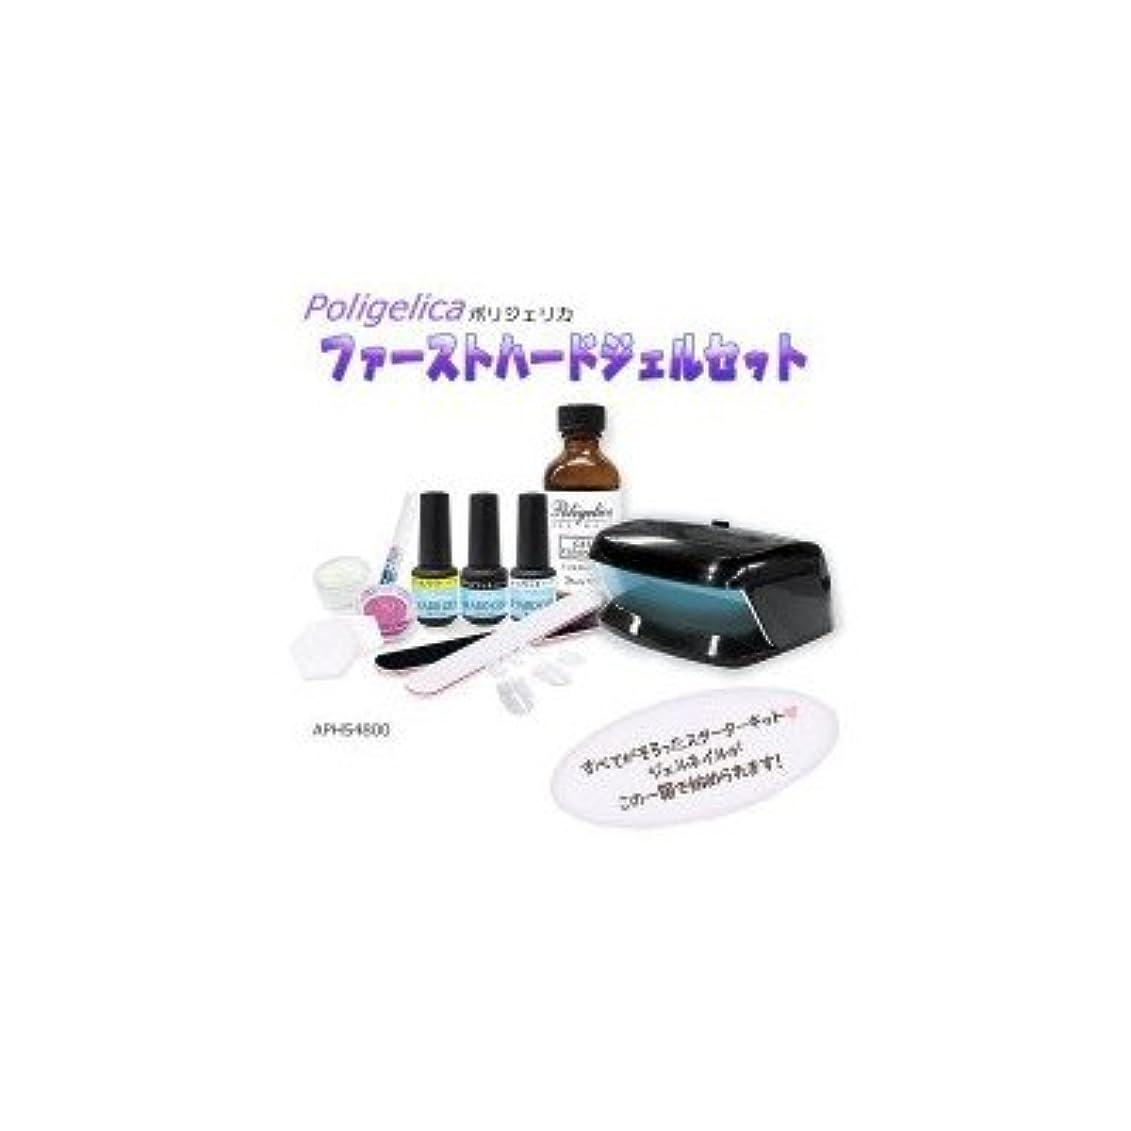 郊外偏差胚ビューティーワールド ポリジェリカ Poligelica LEDミニライト付 ファーストハードジェルセット APHS4800